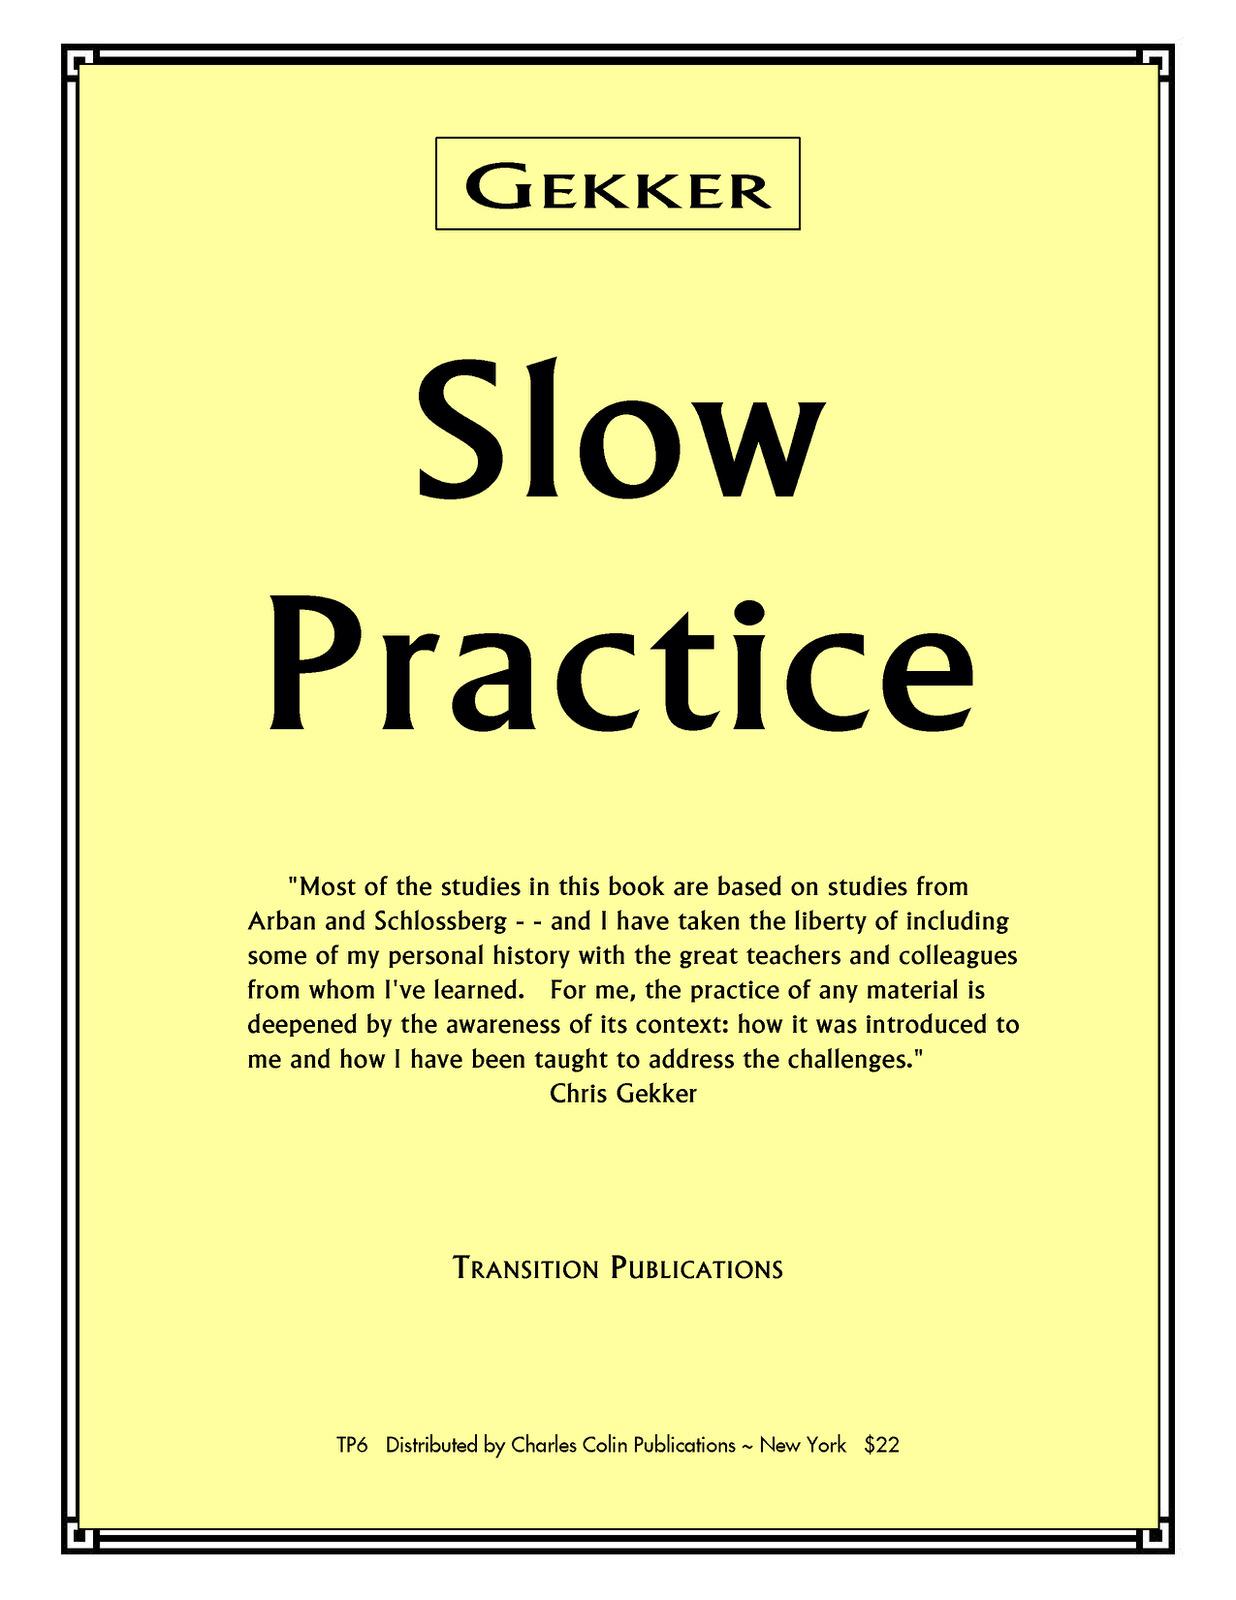 Gekker, Slow Practice